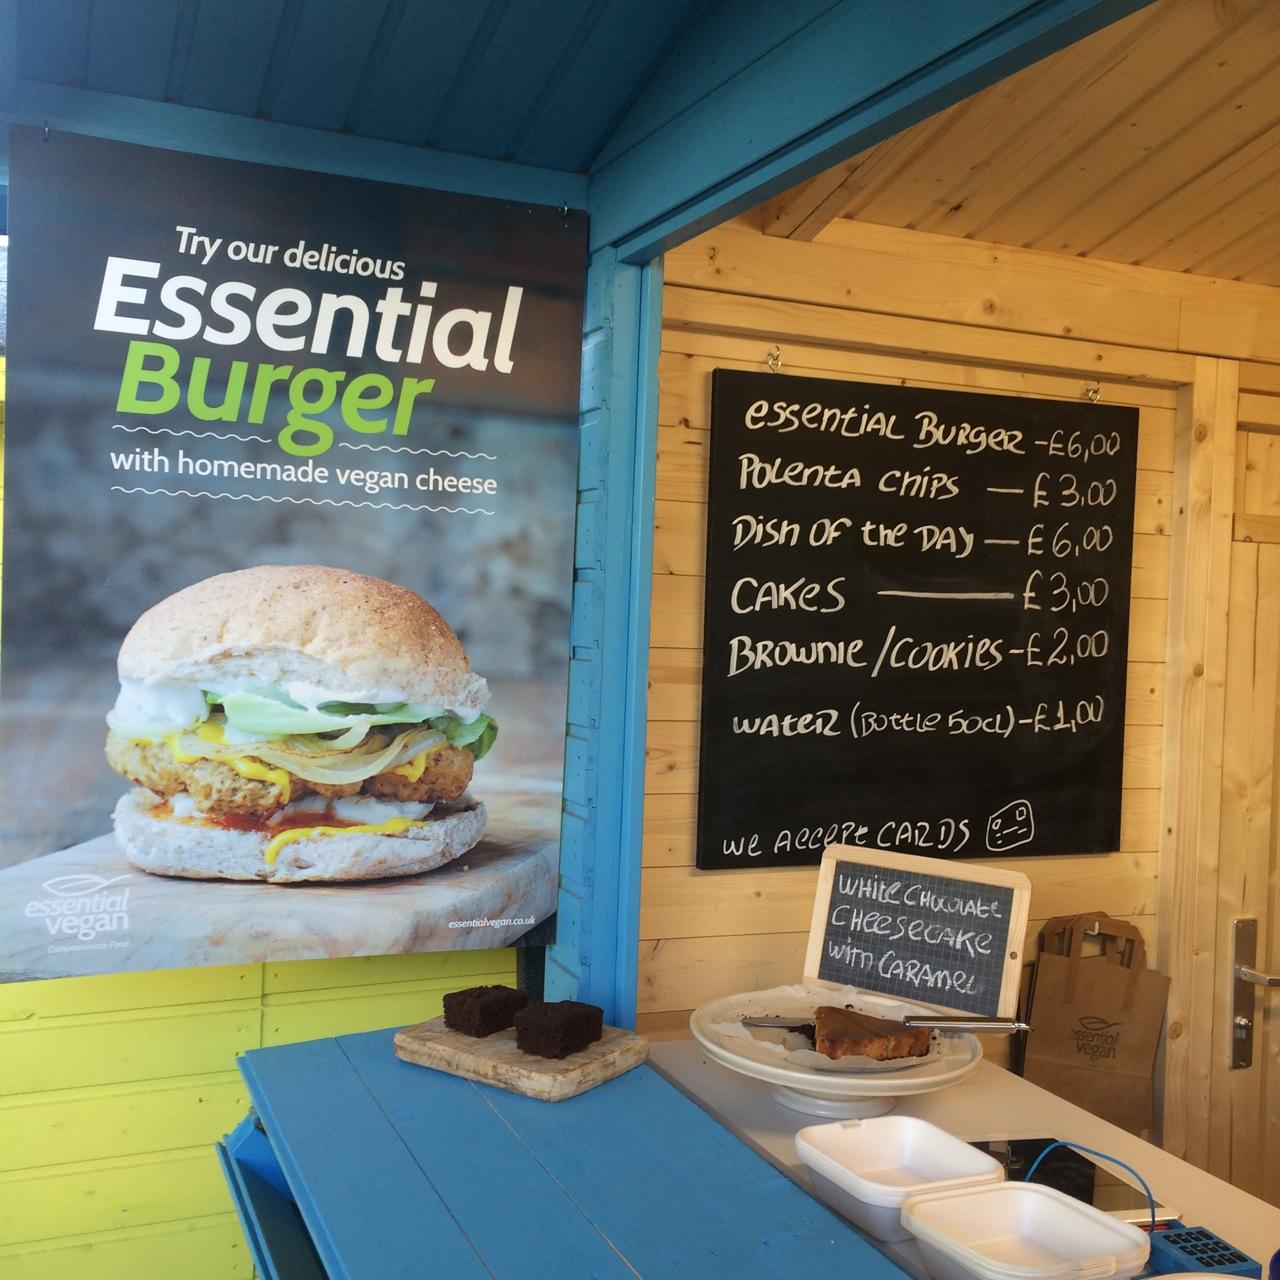 http://i0.wp.com/fatgayvegan.com/wp-content/uploads/2015/06/essential-vegan-burger-shoreditch-menu.jpg?fit=1280%2C1280